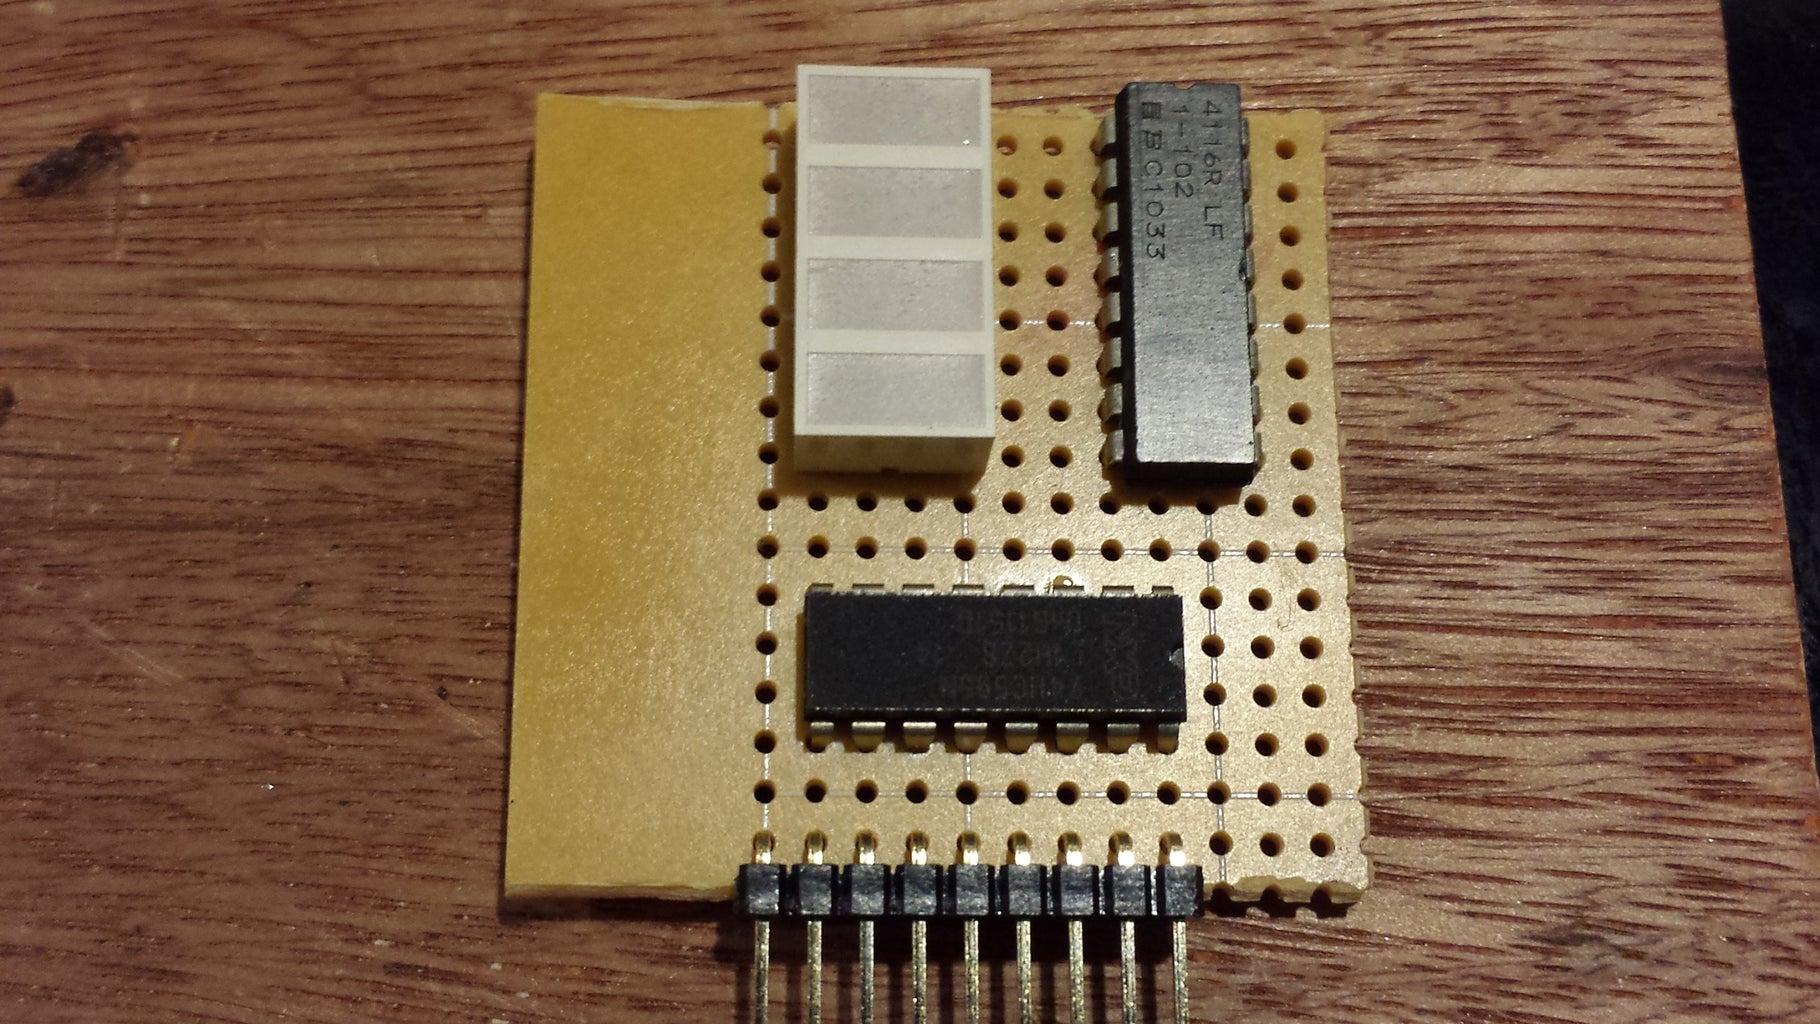 Bar Graph Mini-Shield